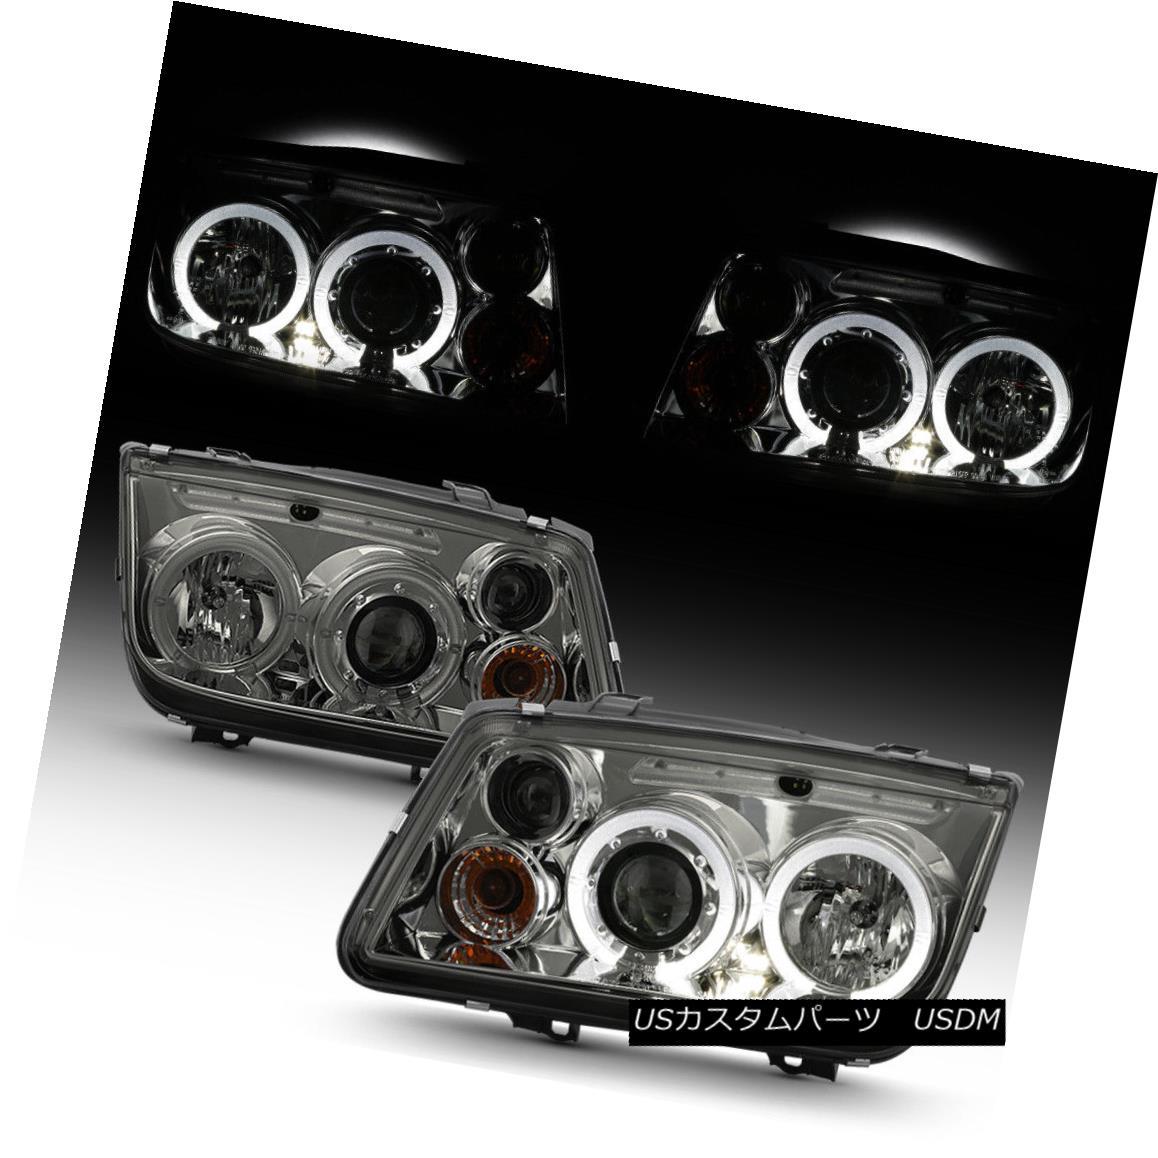 ヘッドライト Smoked 1999-2005 VW Jetta MK4 LED Halo Projector Headlights Headlamps Left+Right スモーク1999-2005 VWジェッタMK4 LEDハロープロジェクターヘッドライトヘッドランプ左+右